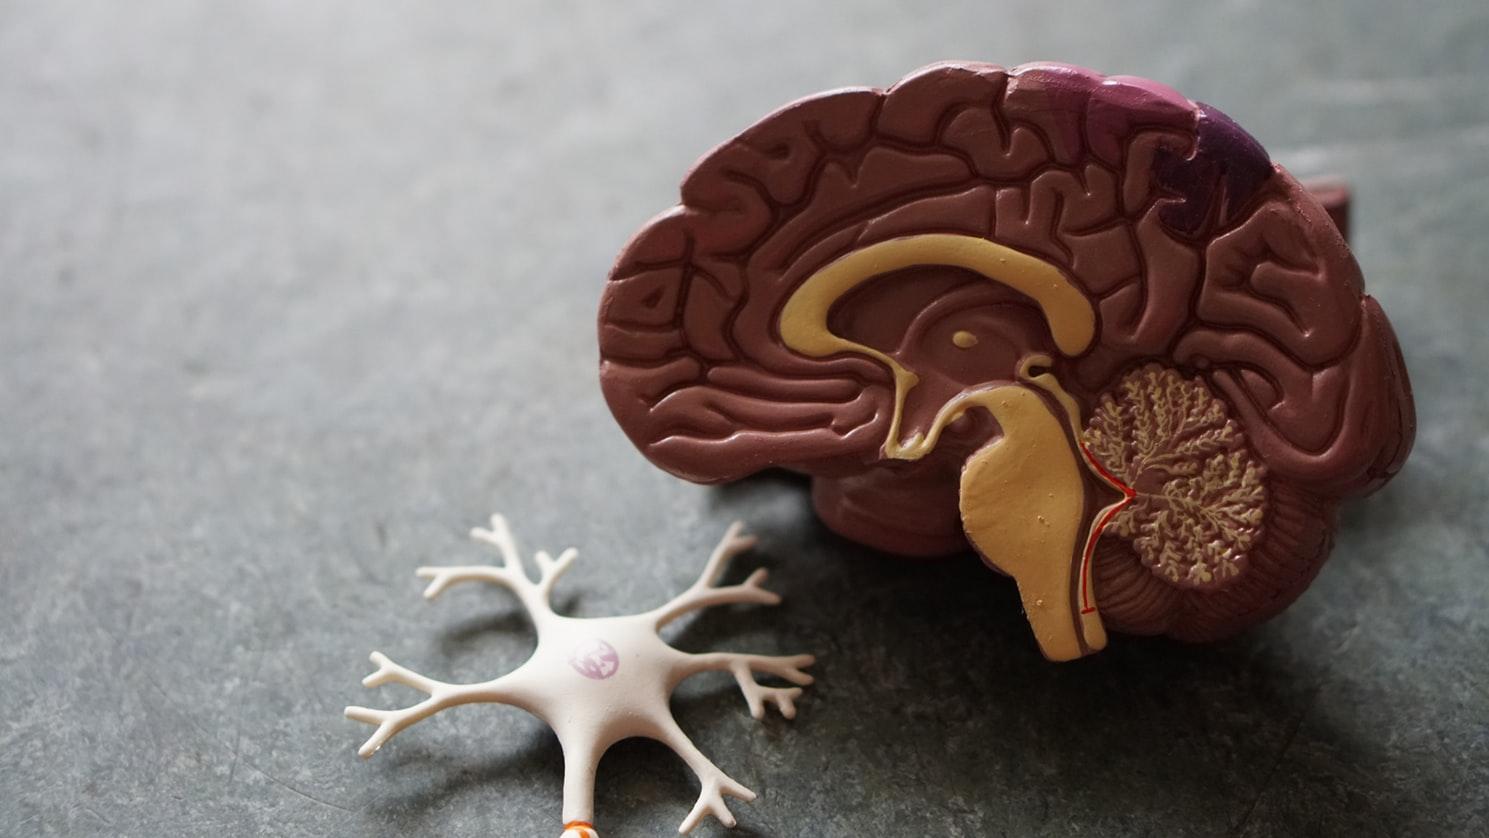 關於腦性麻痺的知識